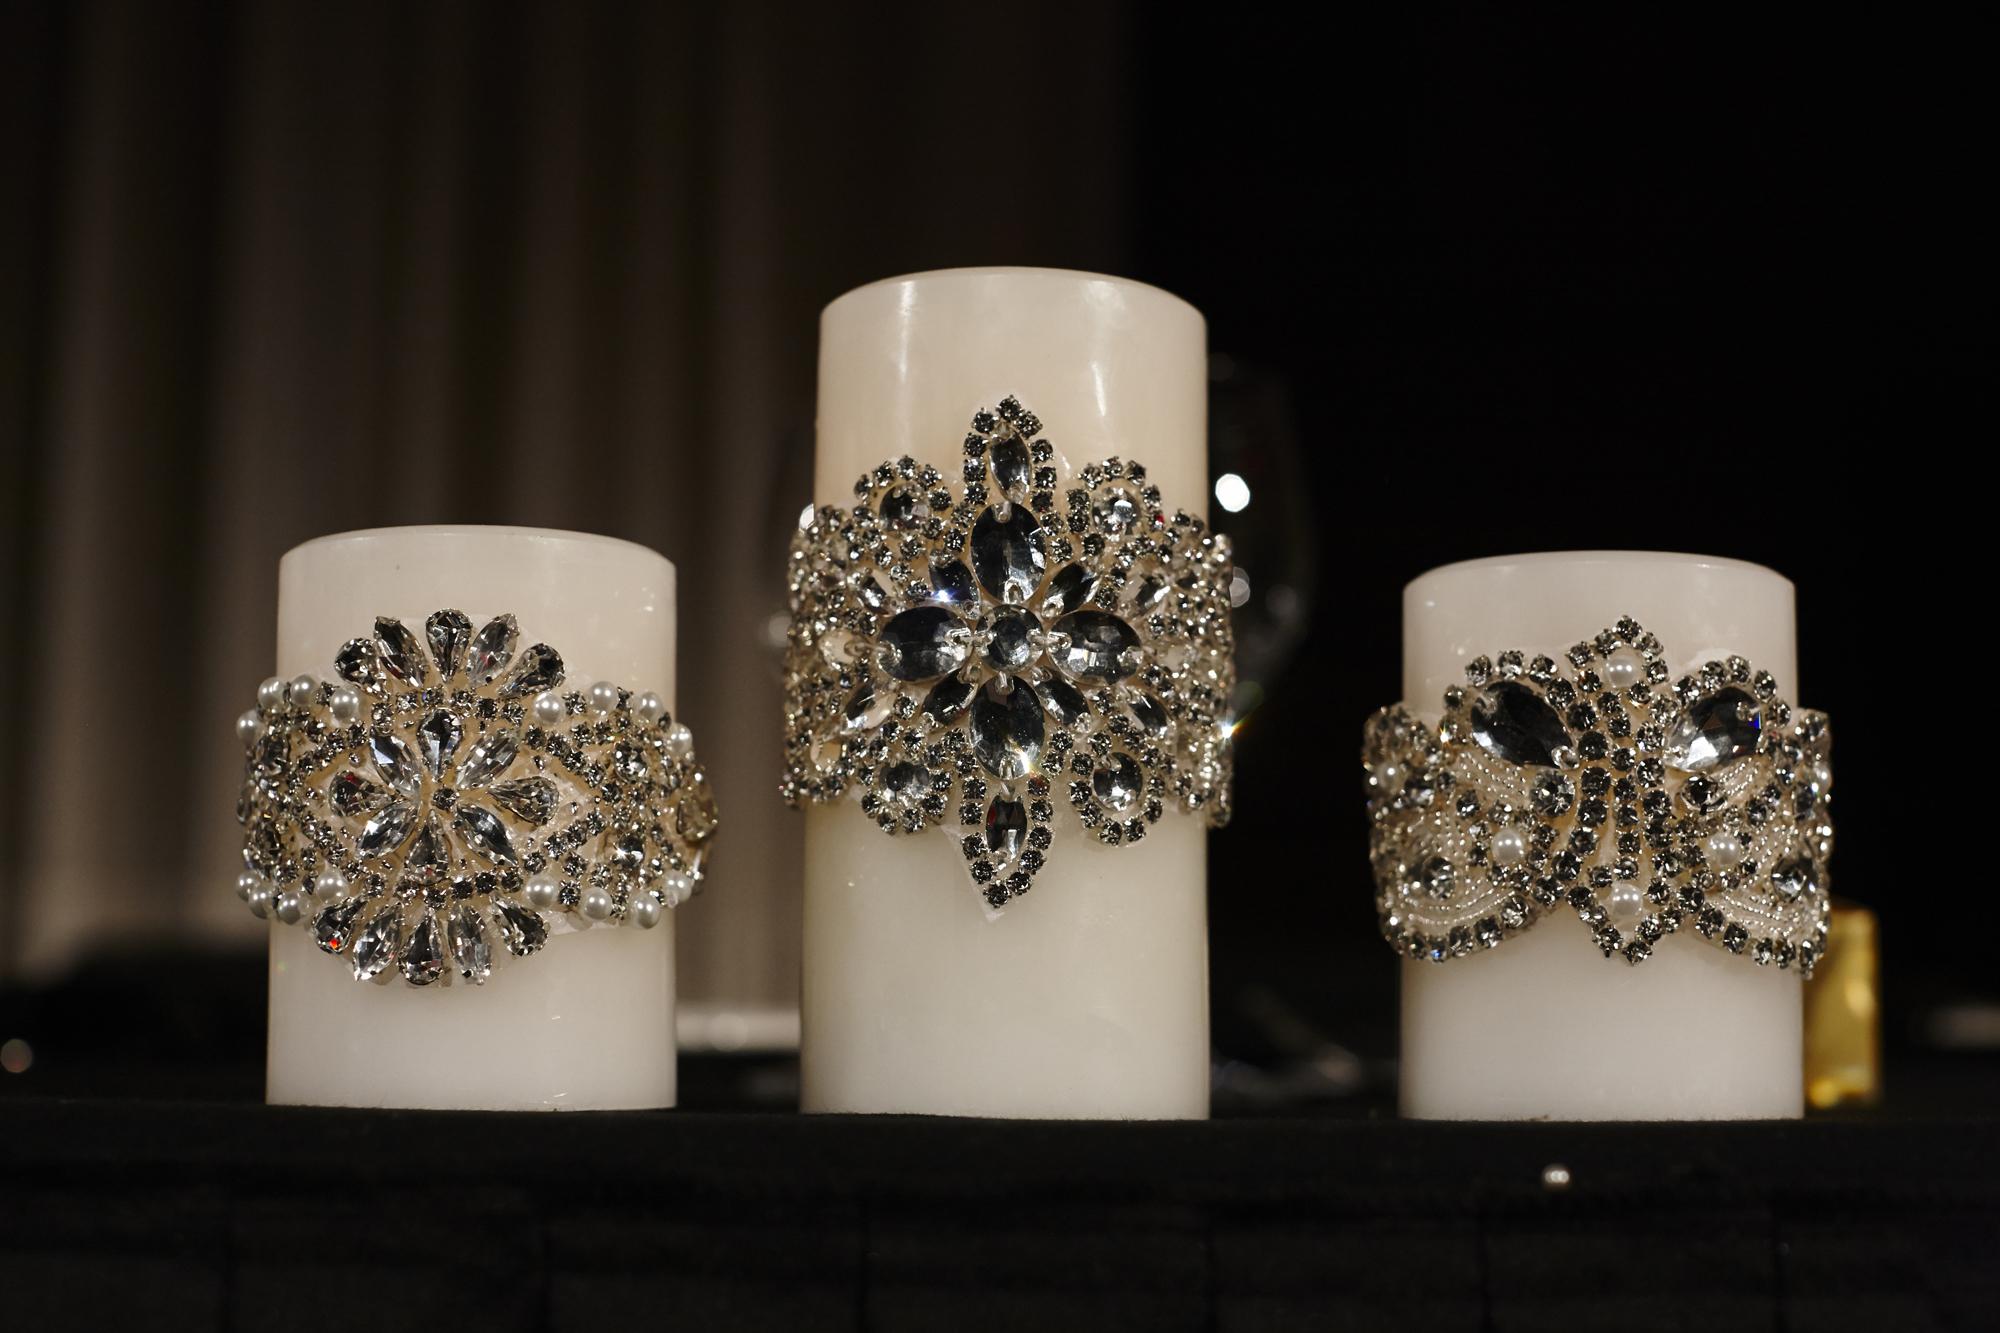 Swarovski crystal Encrusted Led candles